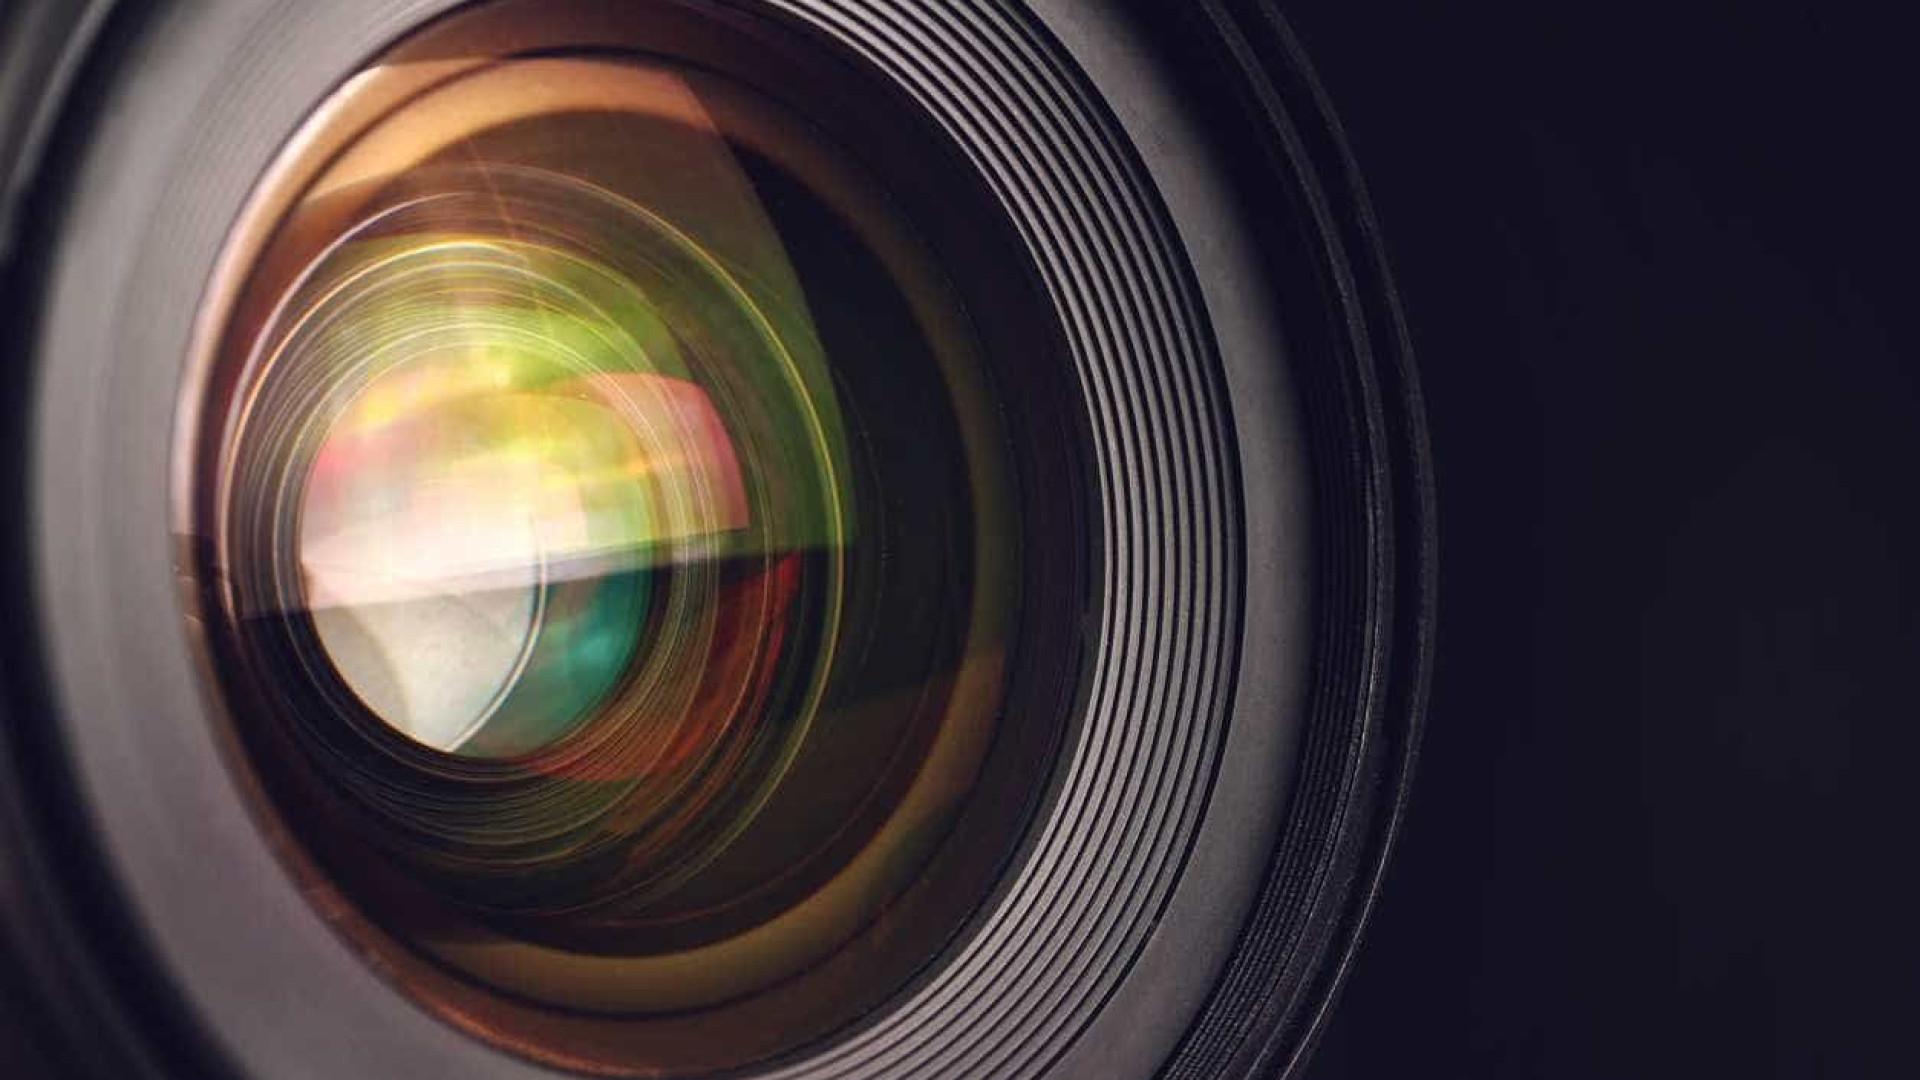 Plataforma Parallel apresenta obras inéditas de fotógrafos no Reino Unido